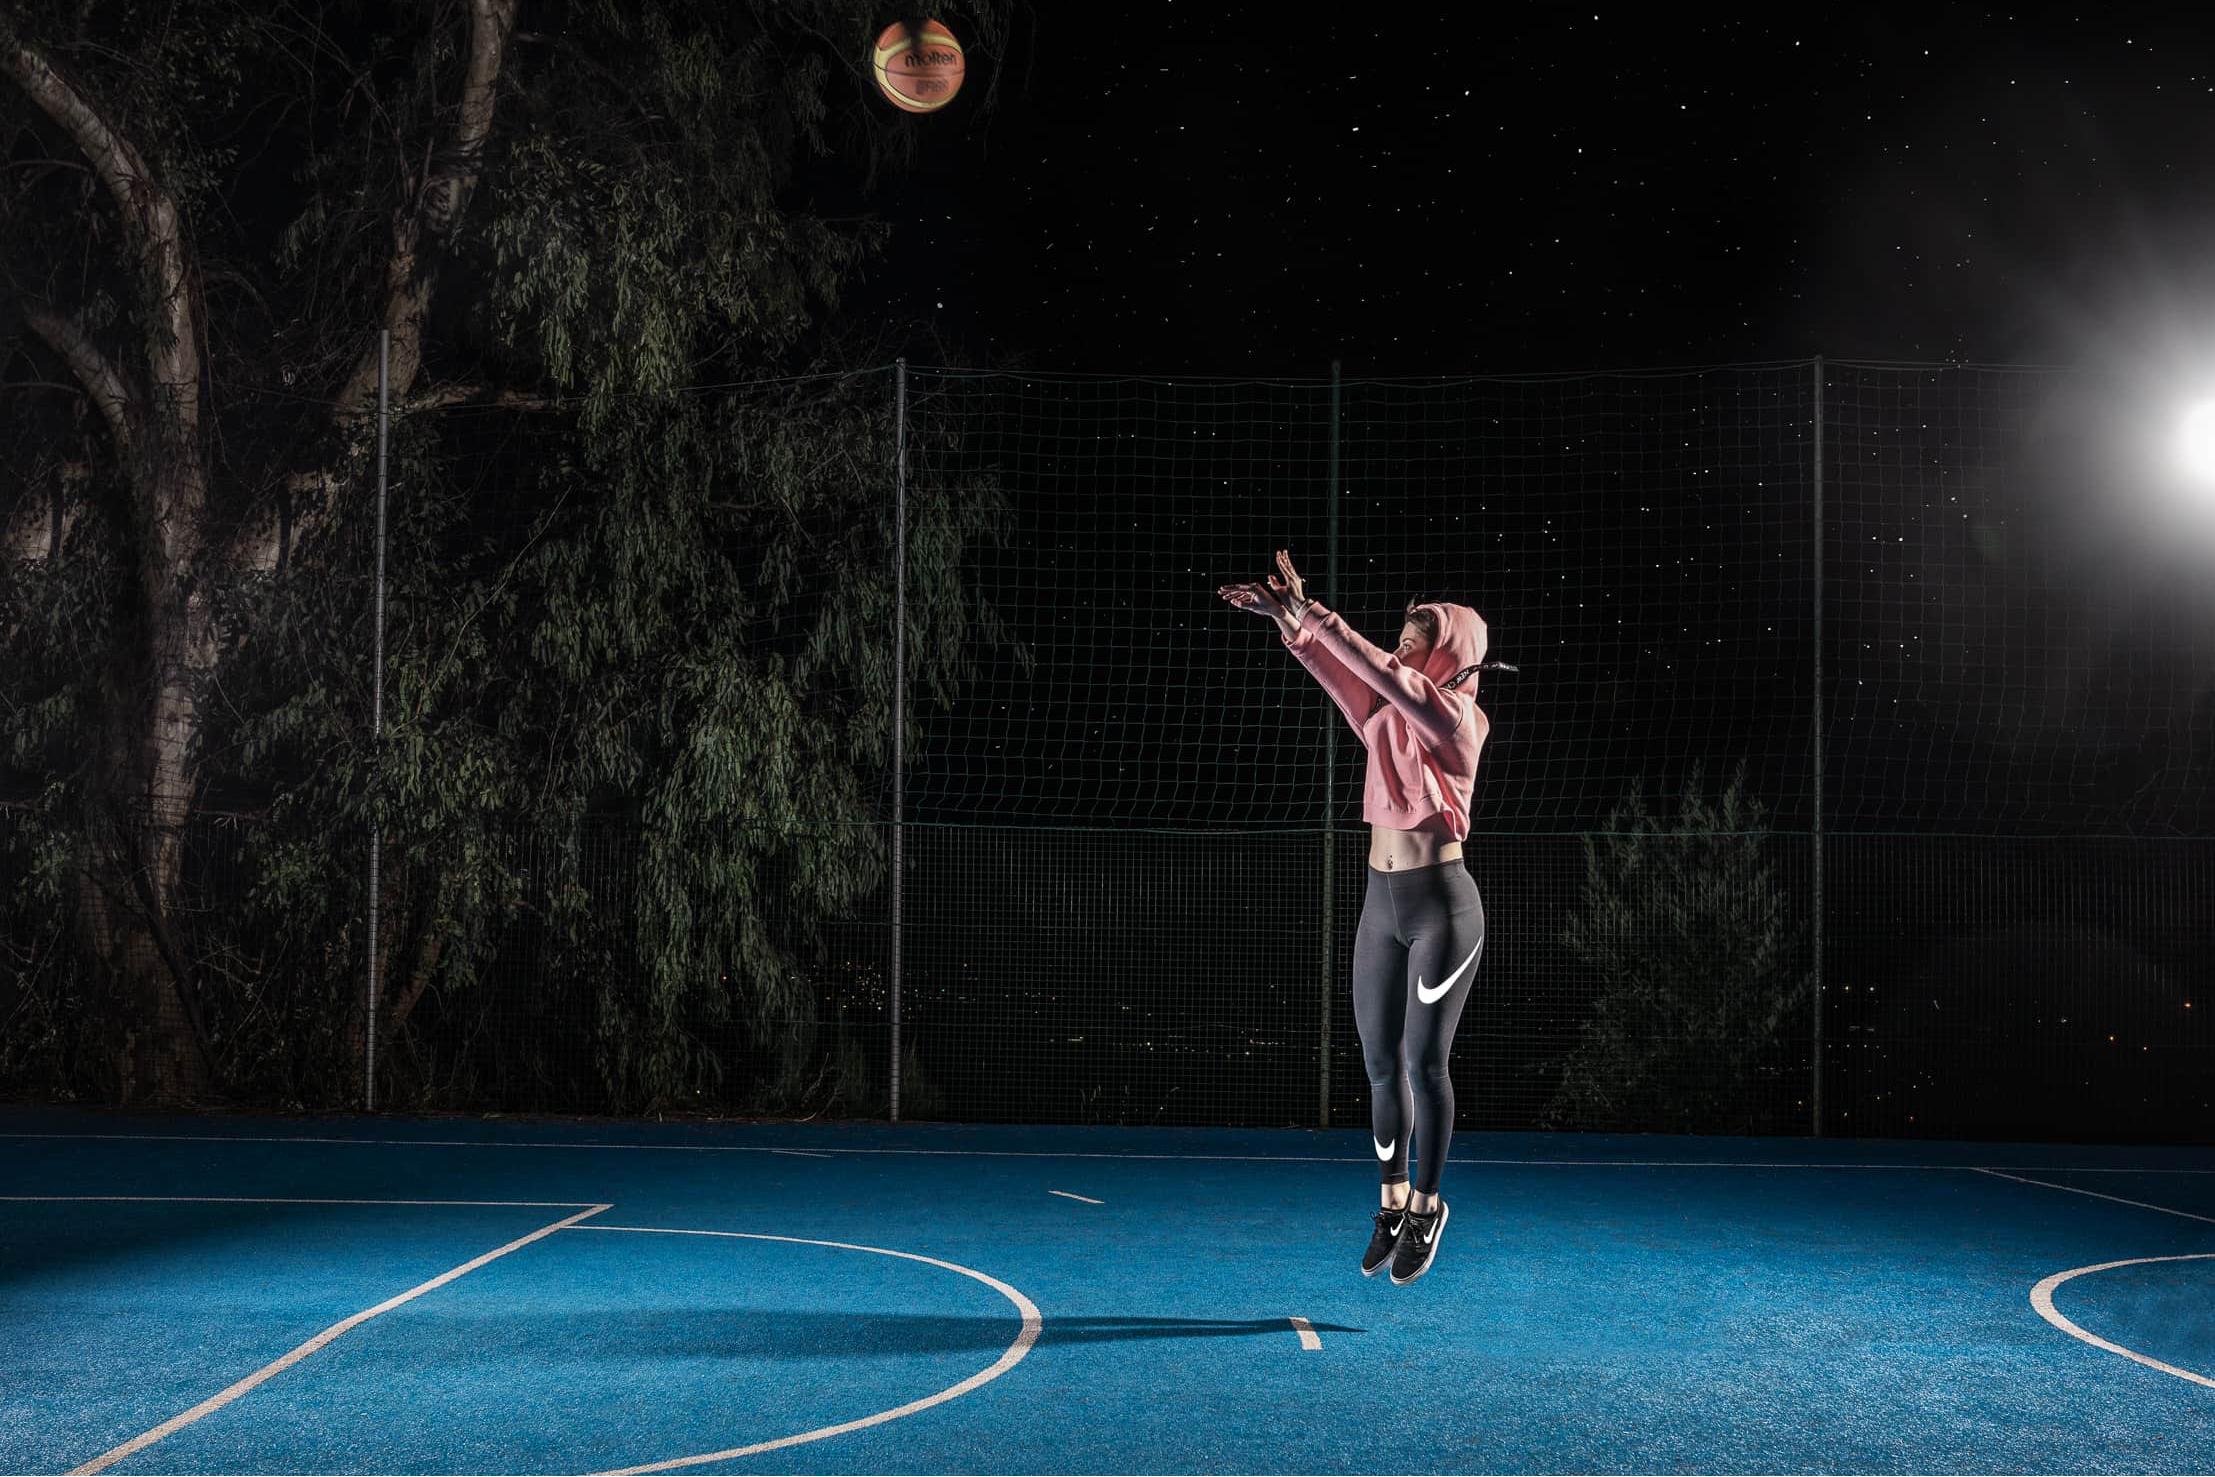 tiro-libero-basket-campo-blu-notte